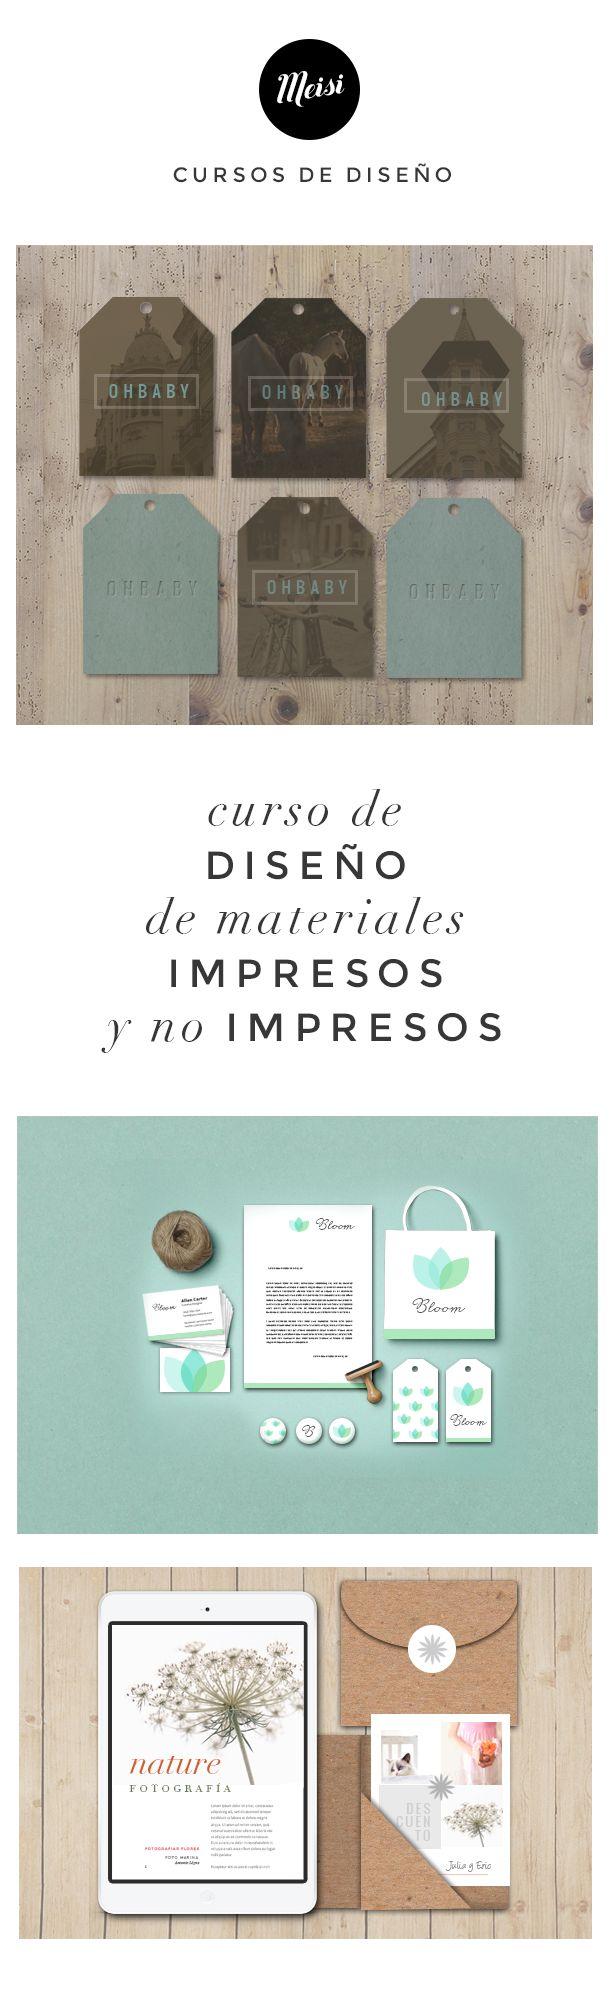 Curso de diseño de materiales impresos y no impresos. #curso #cursodiseño #cursoonline #diseñográfico #maquetación #layout #photoshop